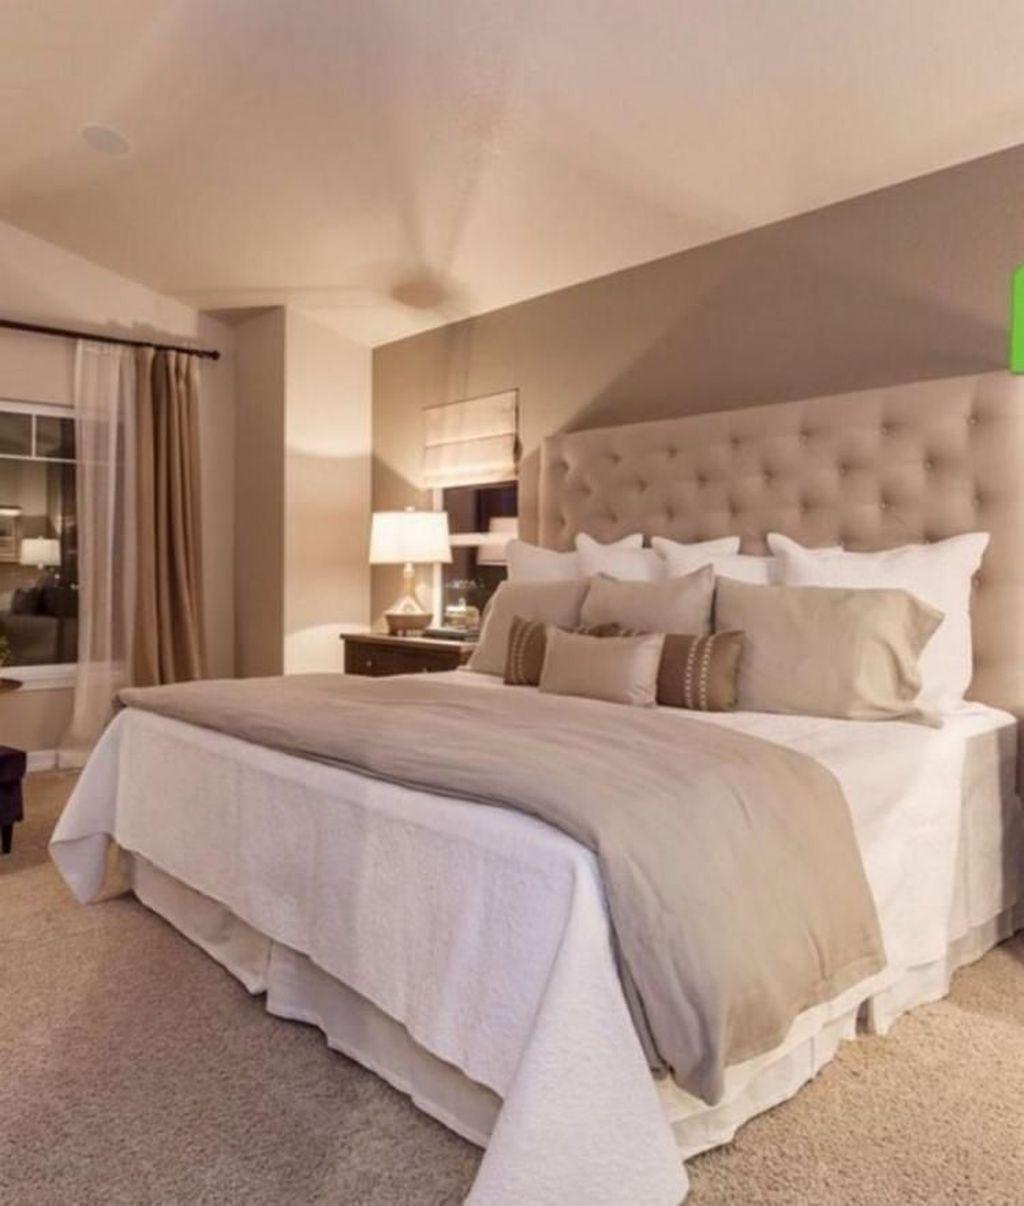 zen master bedroom decorating ideas #masterbedroomideas